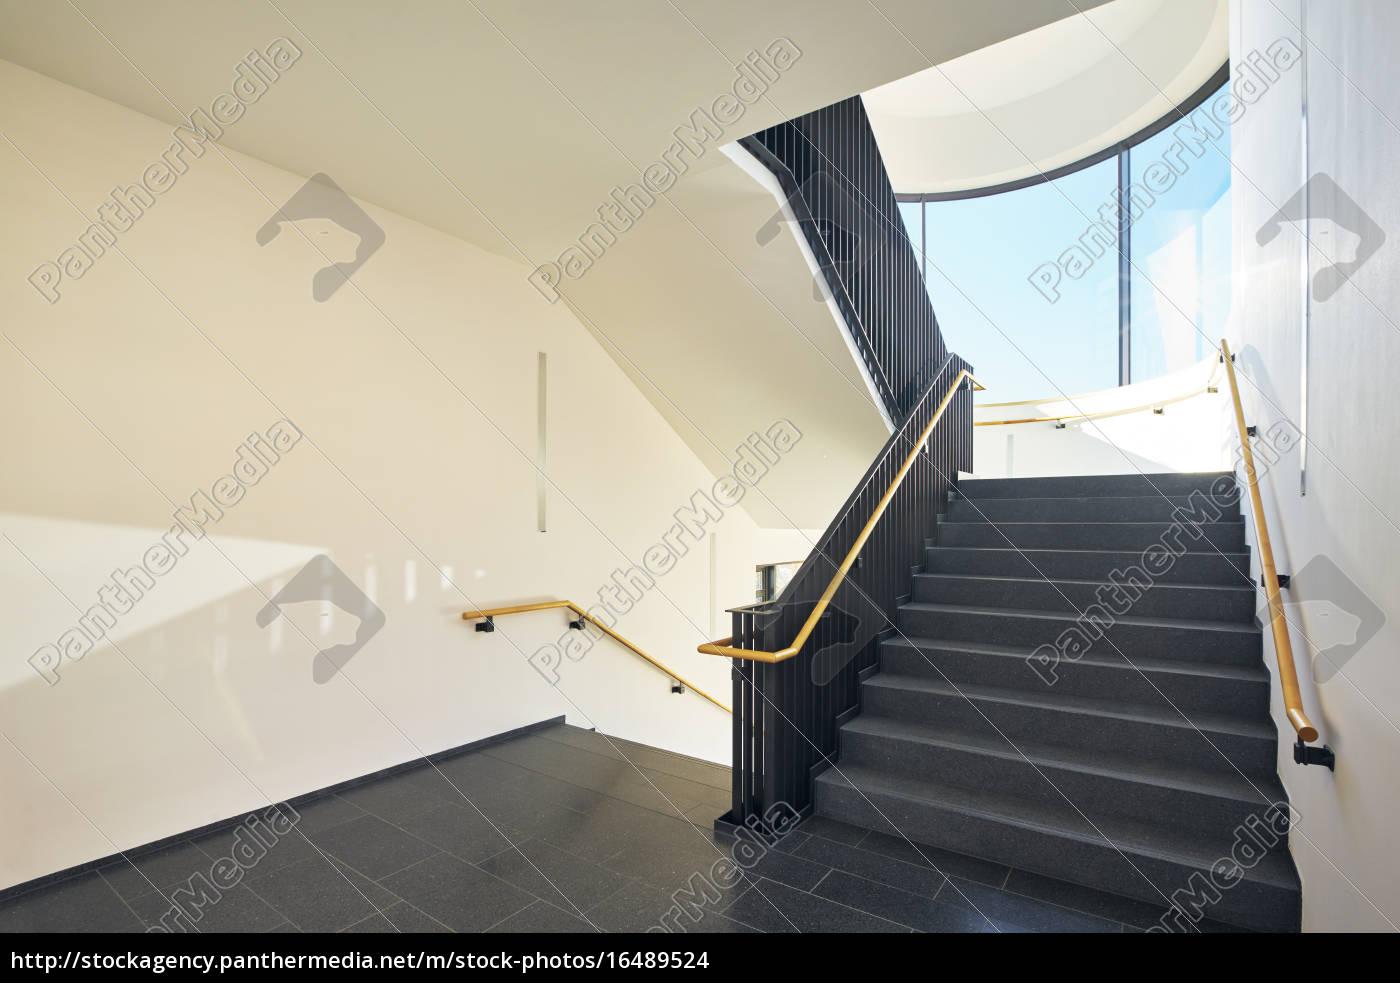 Treppenhaus Modern Gebäude Fenster Lizenzfreies Foto 16489524